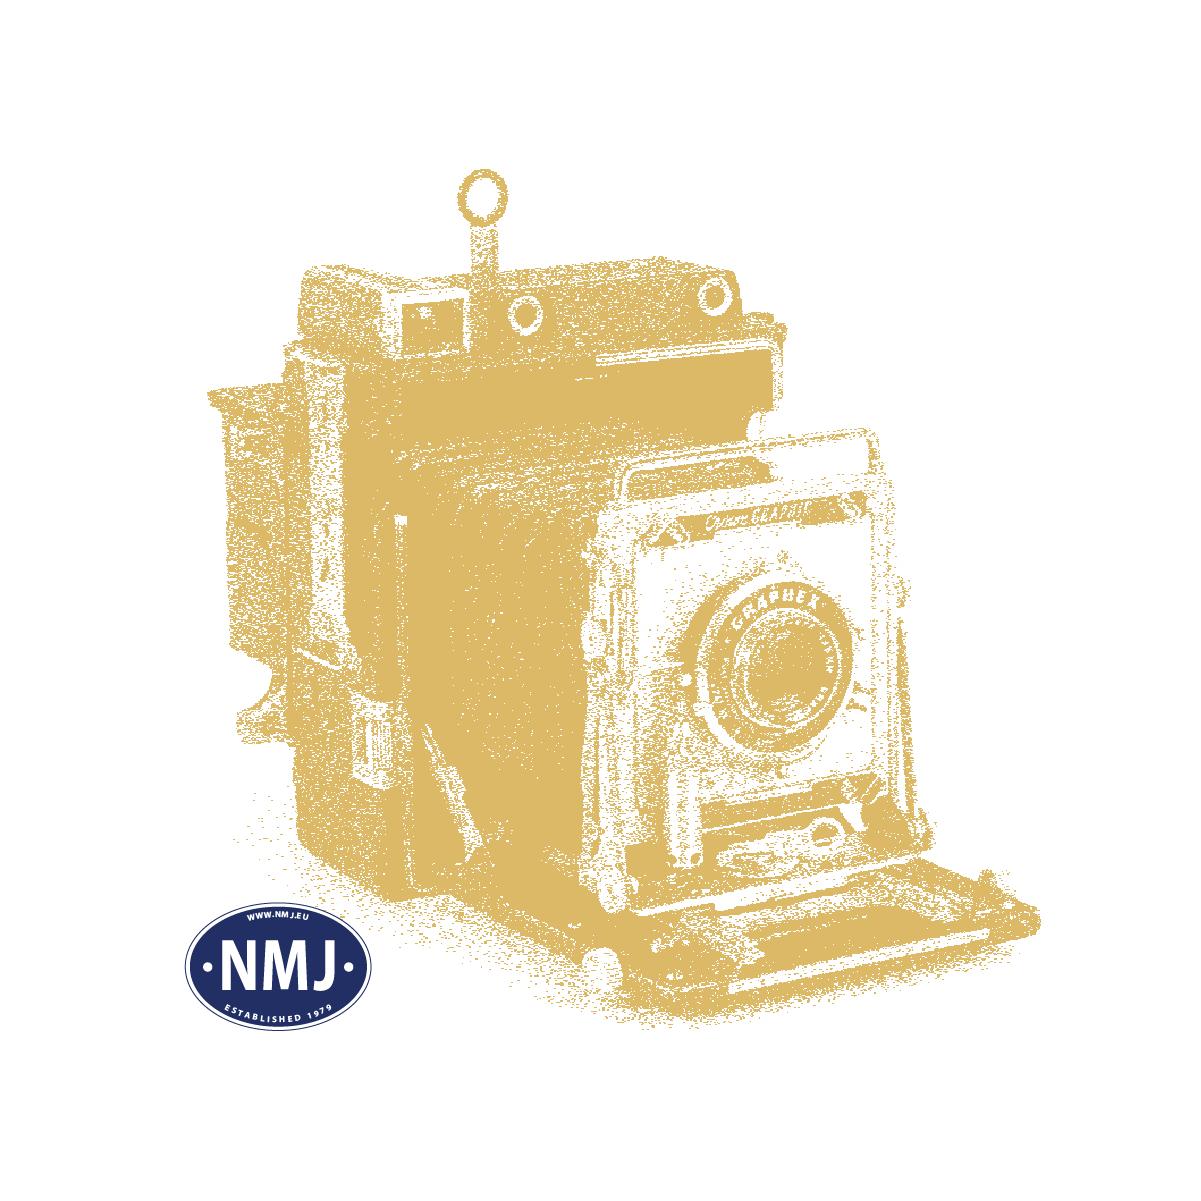 NMJT507.102 - NMJ Topline CargoNet Lgns 42 76 443 2064-5, DHL